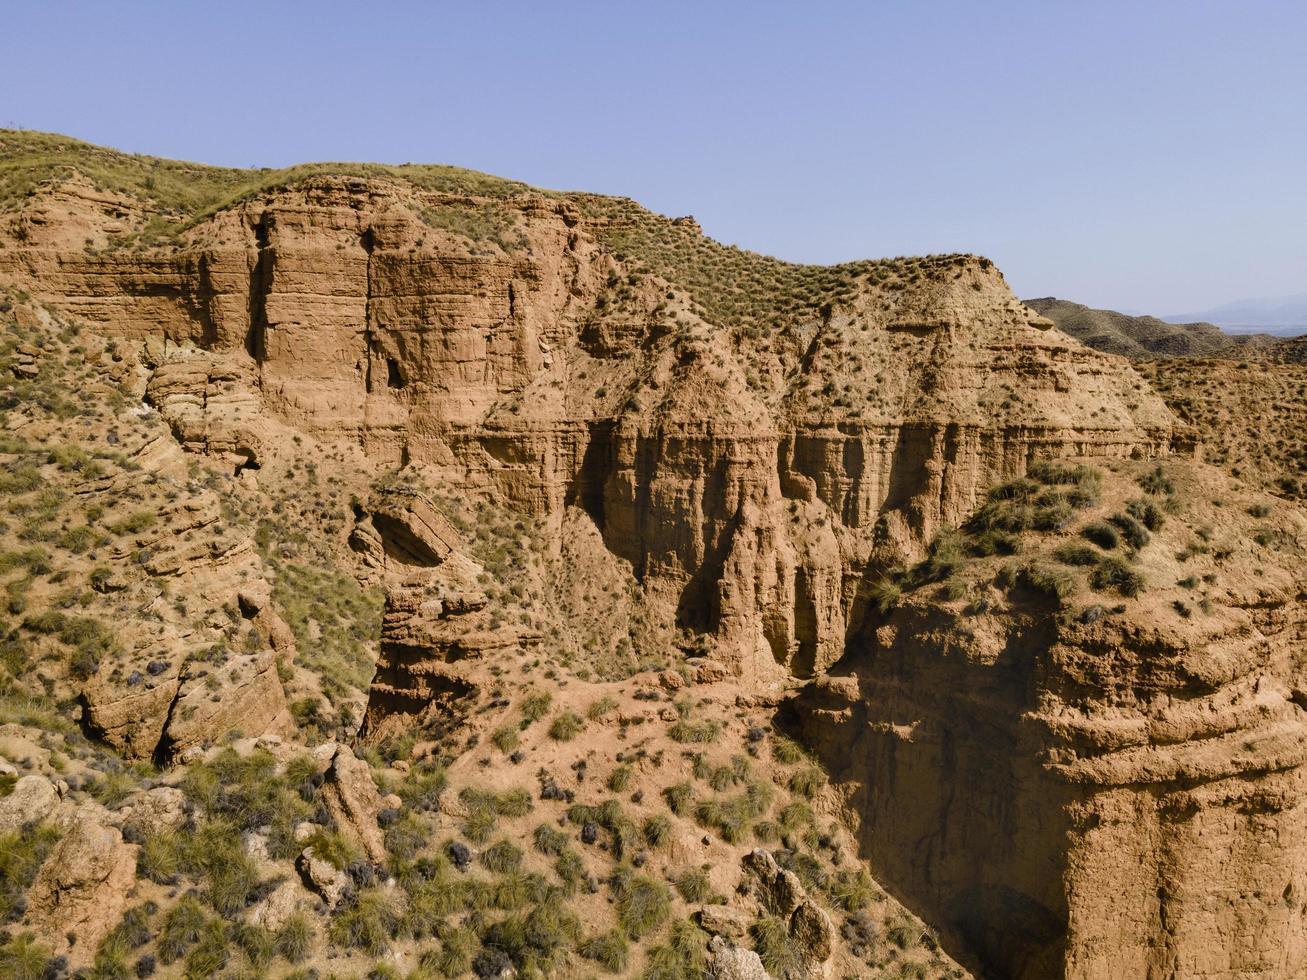 Vue aérienne de paysages de montagnes dans l'ouest des États-Unis photo